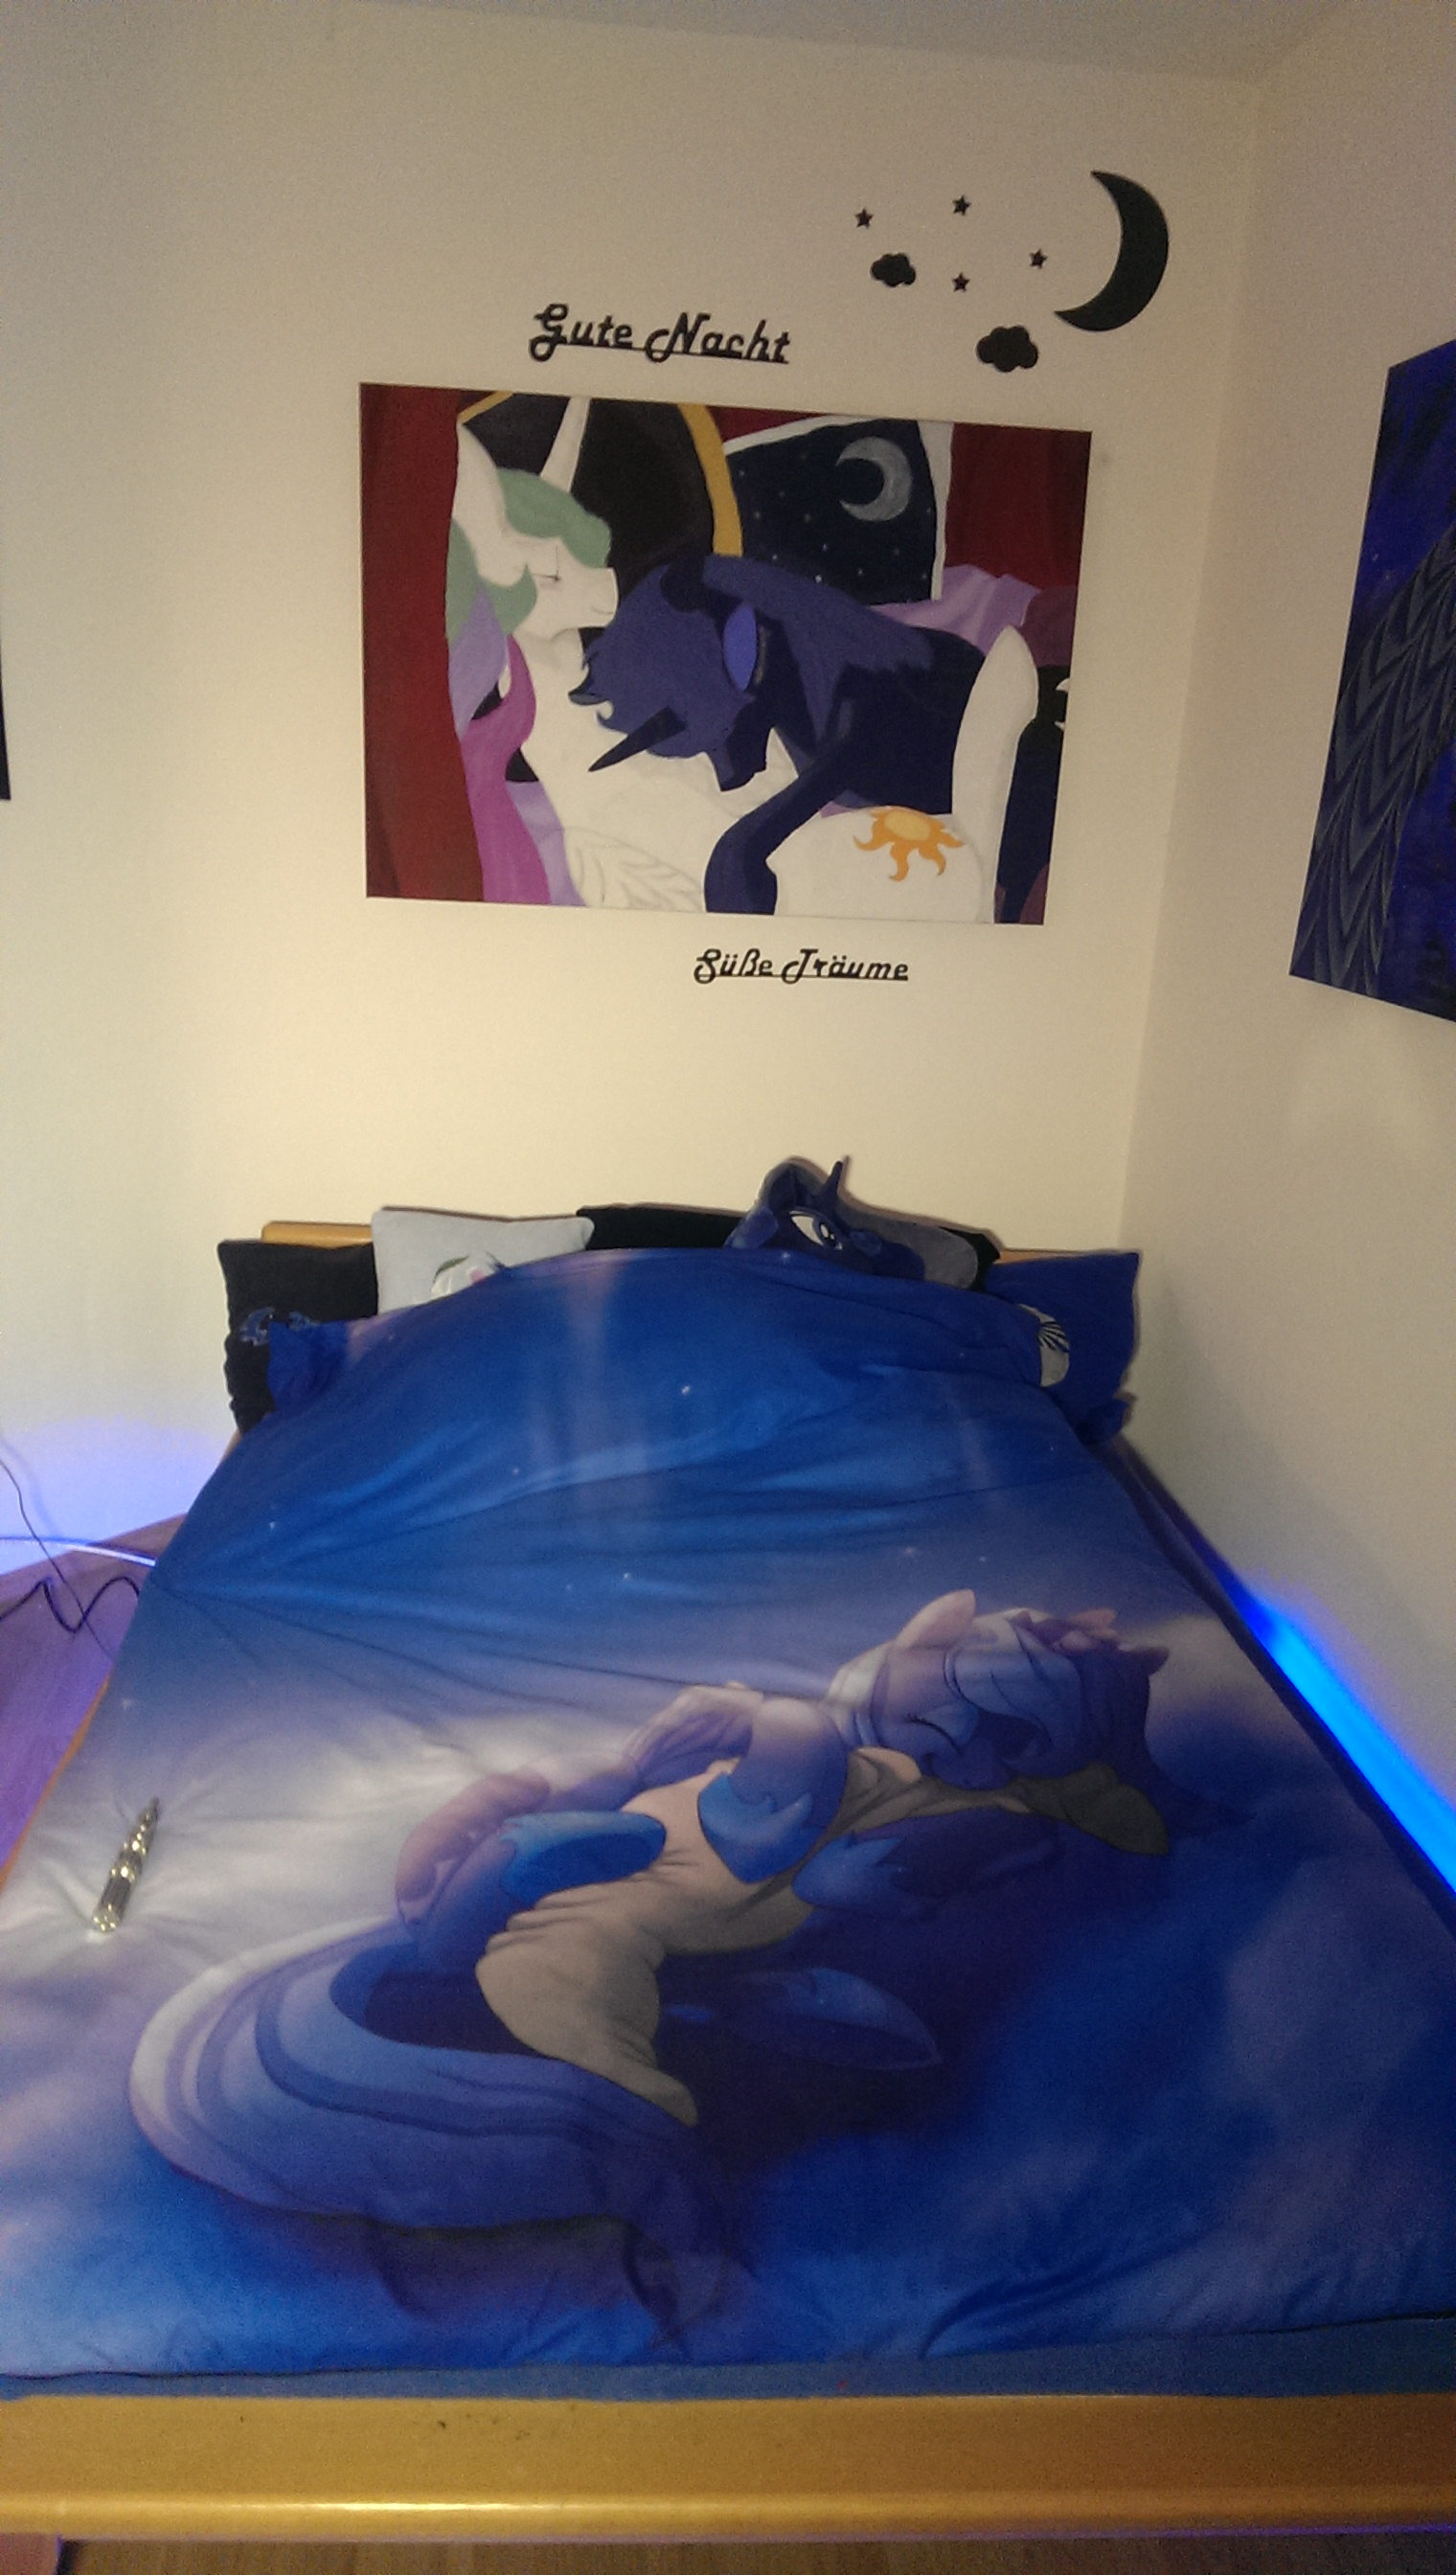 princess luna blanket by commander pliskin on deviantart